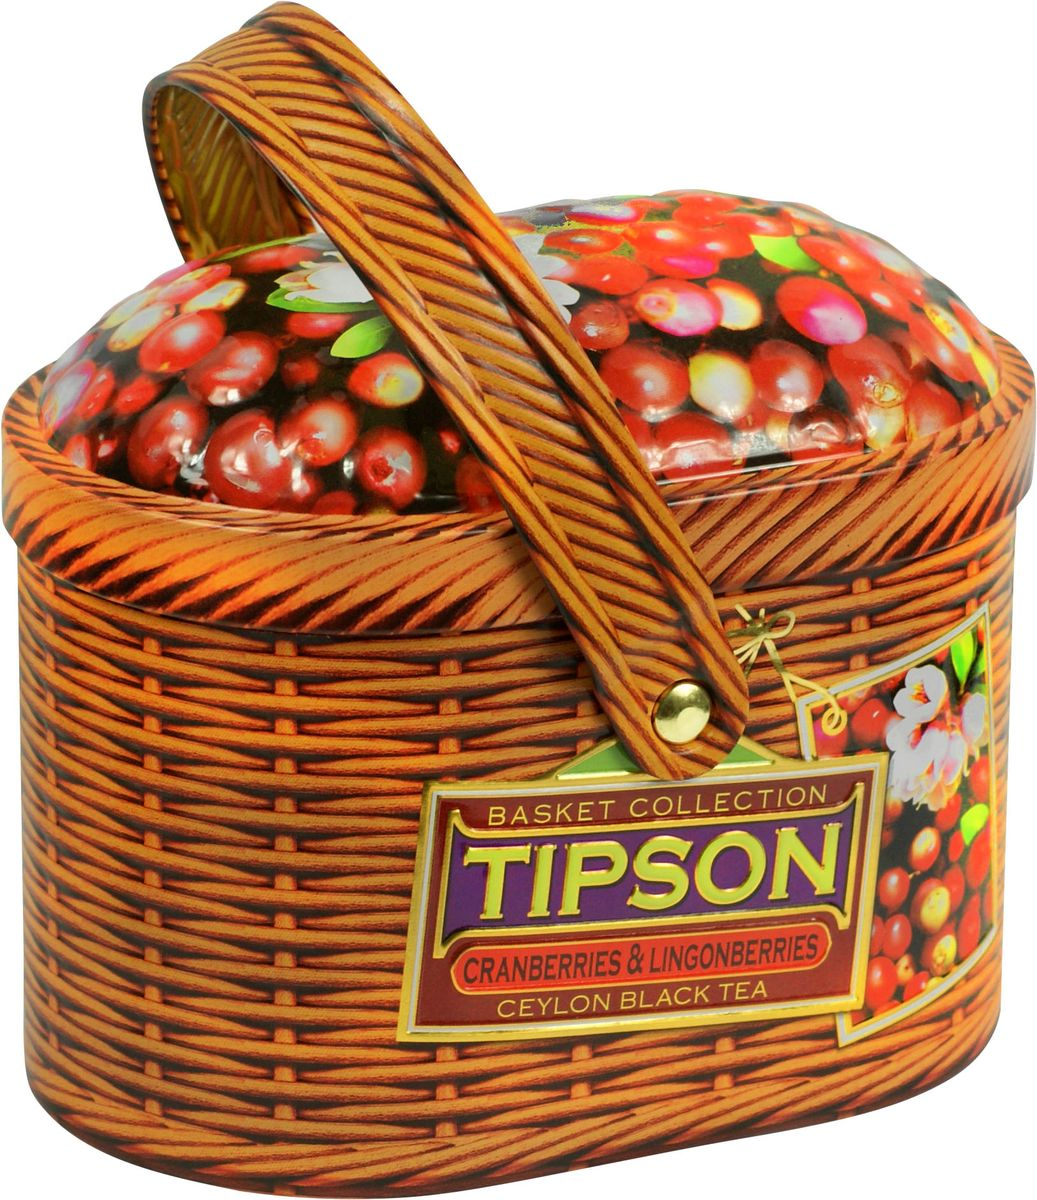 Tipson Basket-Cranberries and Lingonberries чай черный листовой с ягодами клюквы и китайской березы, 80 г купить